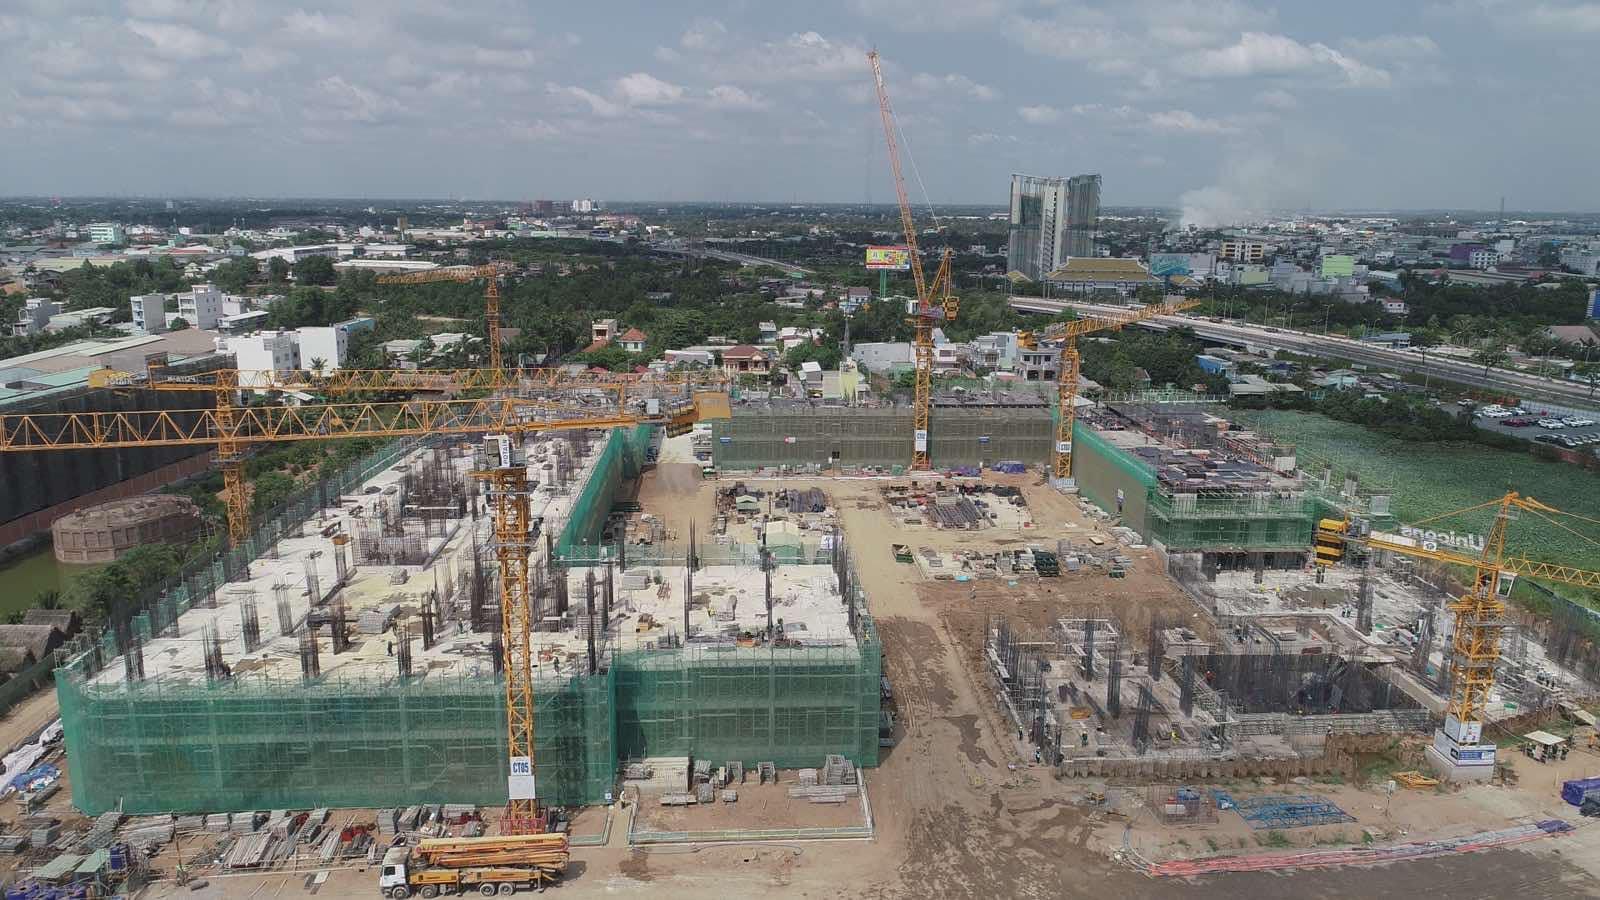 Công trường dự án bất động sản đang triển khai dang dở.